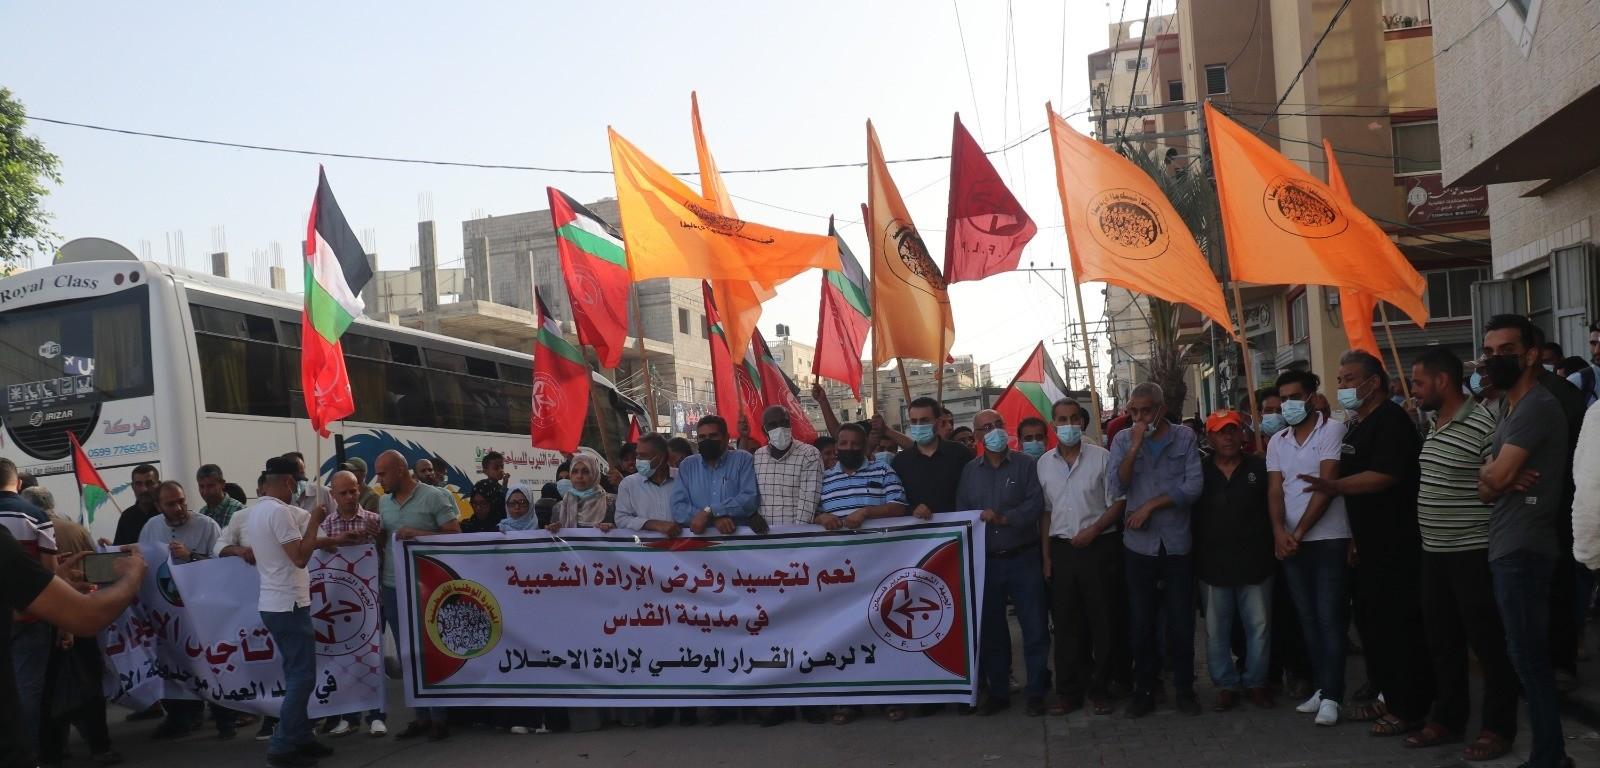 الشعبيّة والمبادرة تنظمان مسيرة جماهيرية انتصارًا للقدس ورفضًا لنهج التفرد والهيمنة (1).jpg